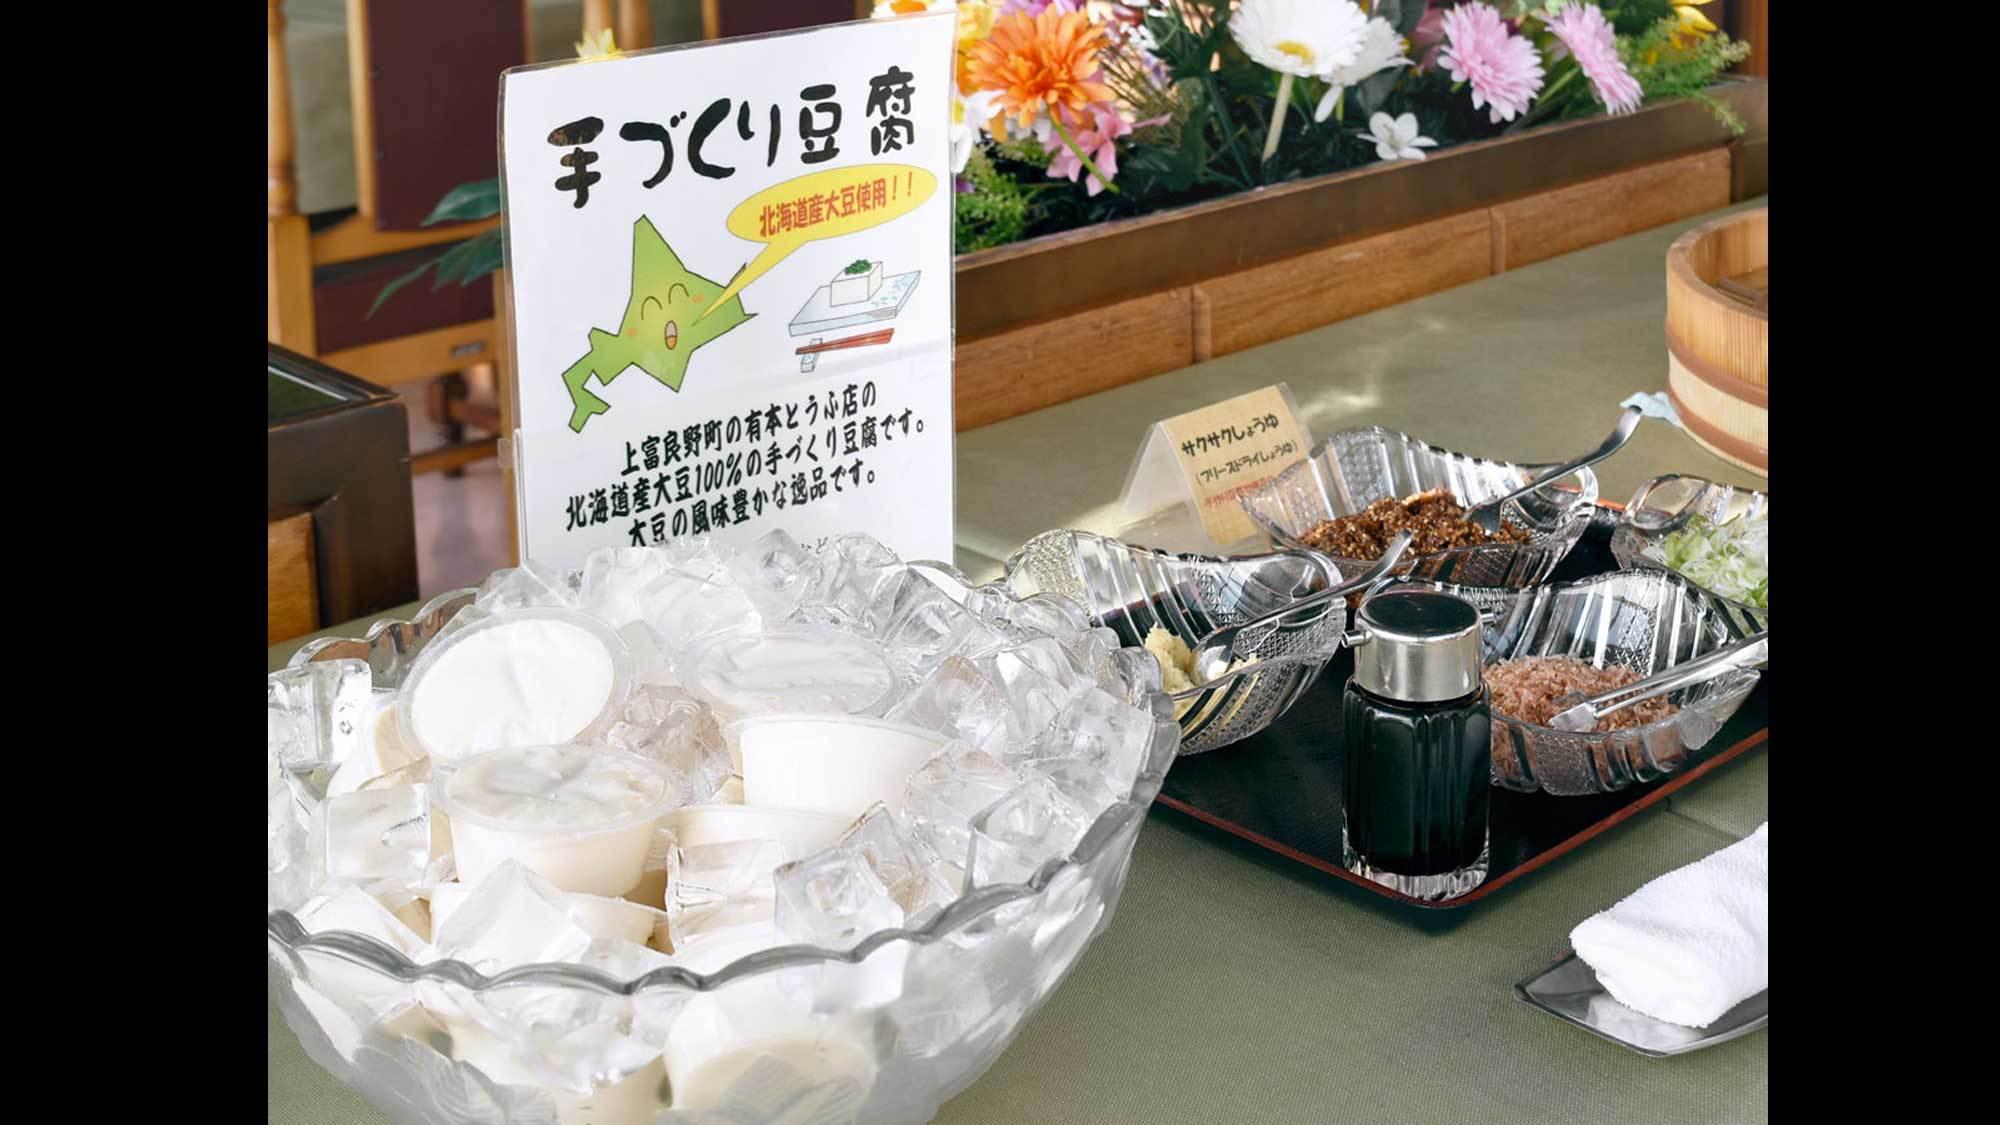 【朝食バイキング】北海道大豆100%の手づくり豆腐を冷奴でどうぞ。